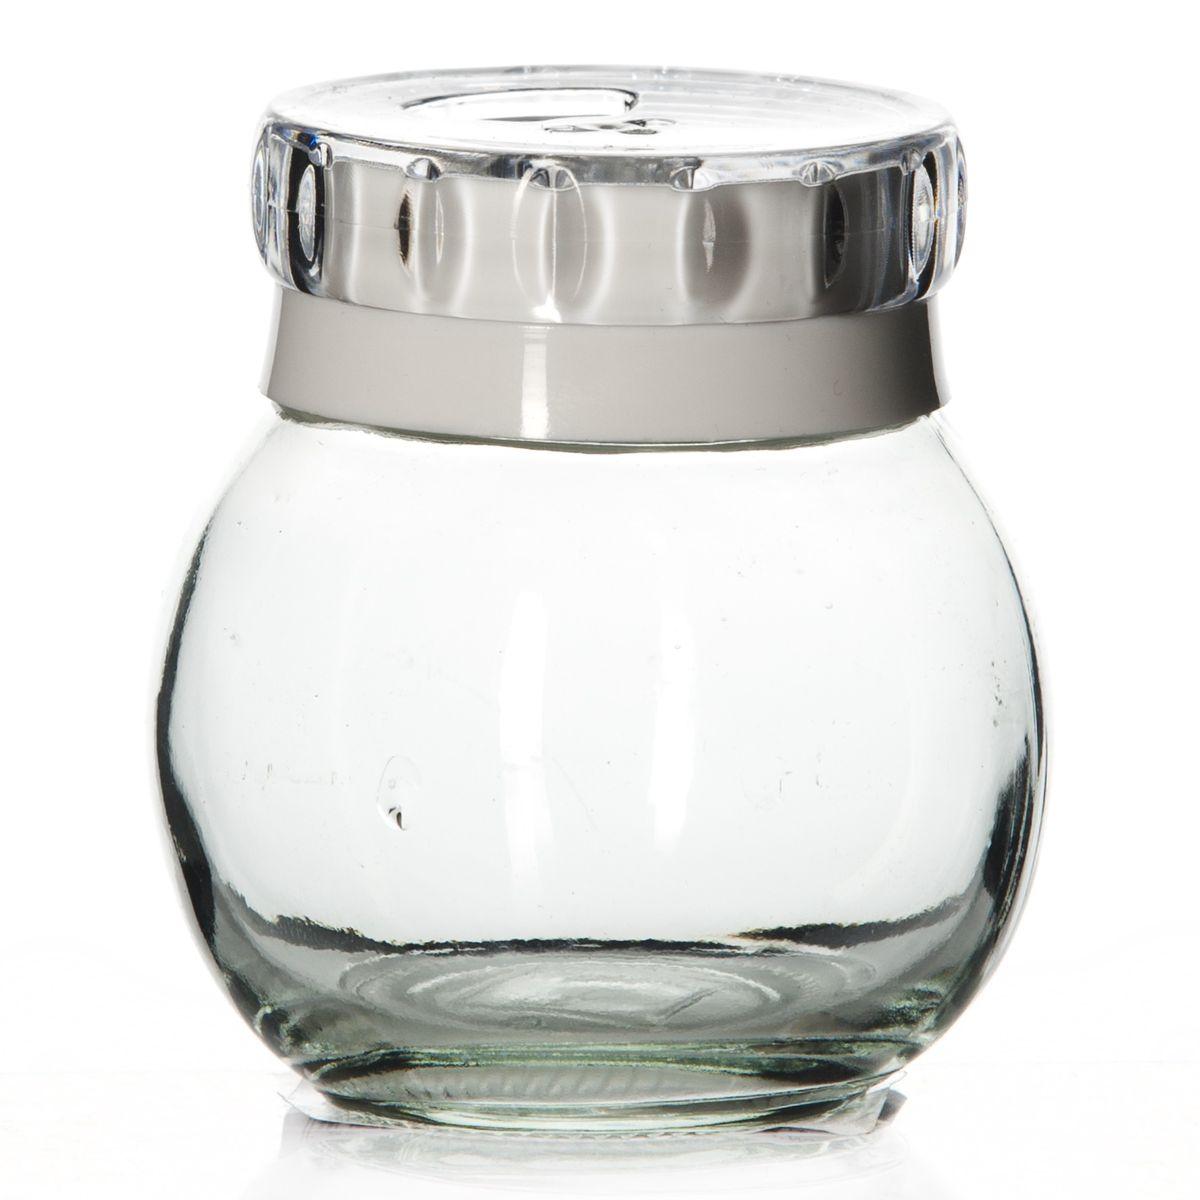 Банка для специй Herevin, цвет: белый, 200 мл. 131007-8024630003364517Банка для специй Herevin выполнена из прозрачного стекла и оснащена пластиковой цветной крышкой с отверстиями разного размера, благодаря которым, вы сможете приправить блюда, просто перевернув банку. Крышка снабжена поворотным механизмом, благодаря которому вы сможете регулировать степень подачи специй. Крышка легко откручивается, благодаря чему засыпать специи внутрь очень просто. Такая баночка станет достойным дополнением к вашему кухонному инвентарю. Можно мыть в посудомоечной машине.Диаметр (по верхнему краю): 4 см.Высота банки (без учета крышки): 8 см.